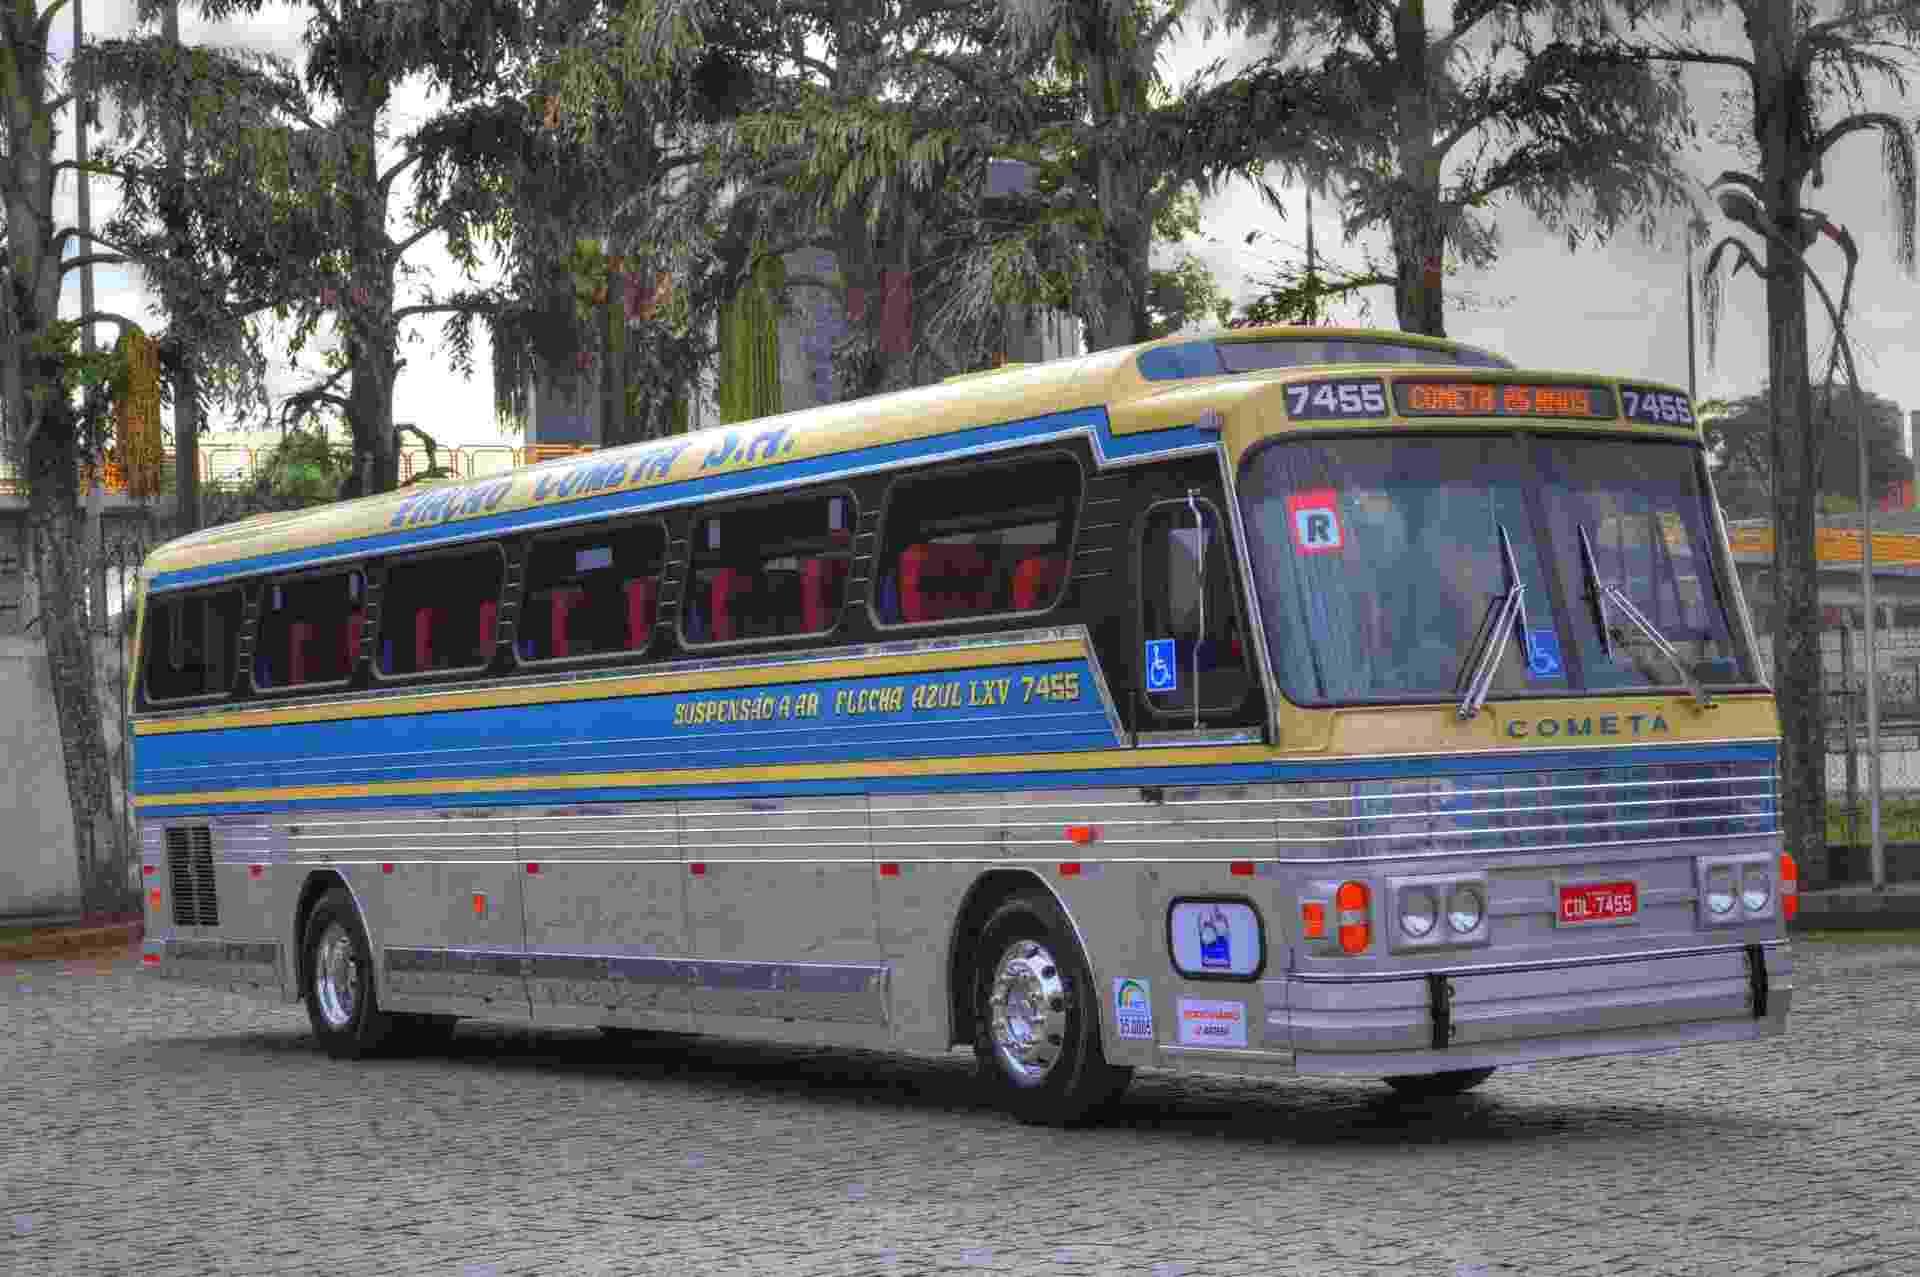 Ônibus da Viação Cometa que vai circular pelo Brasil em comemoração aos 65 anos da empresa - Divulgação